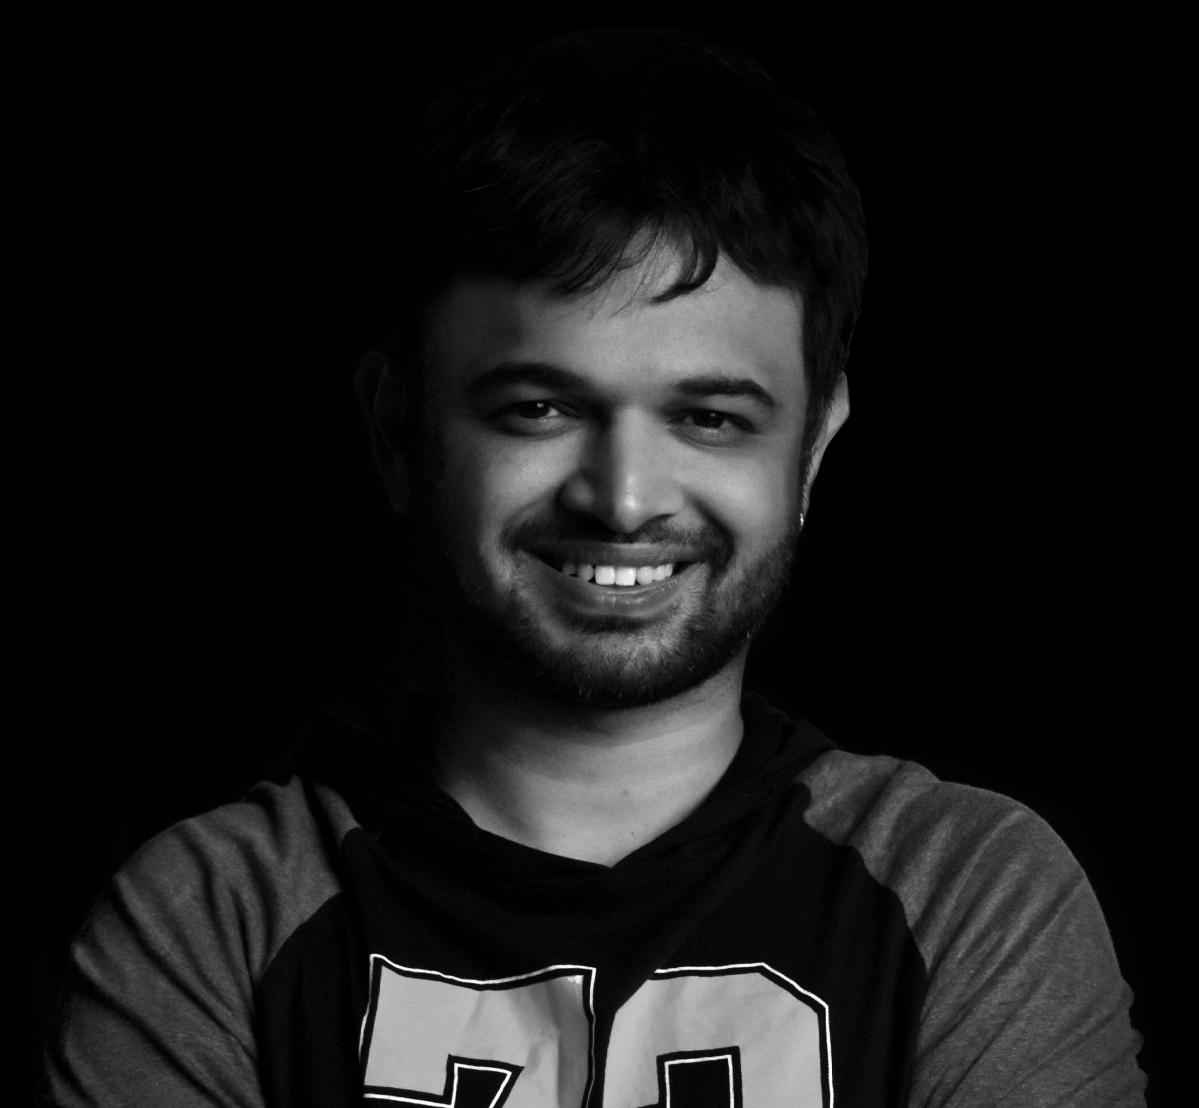 Aalap Desai, senior creative director, Dentsu Webchutney